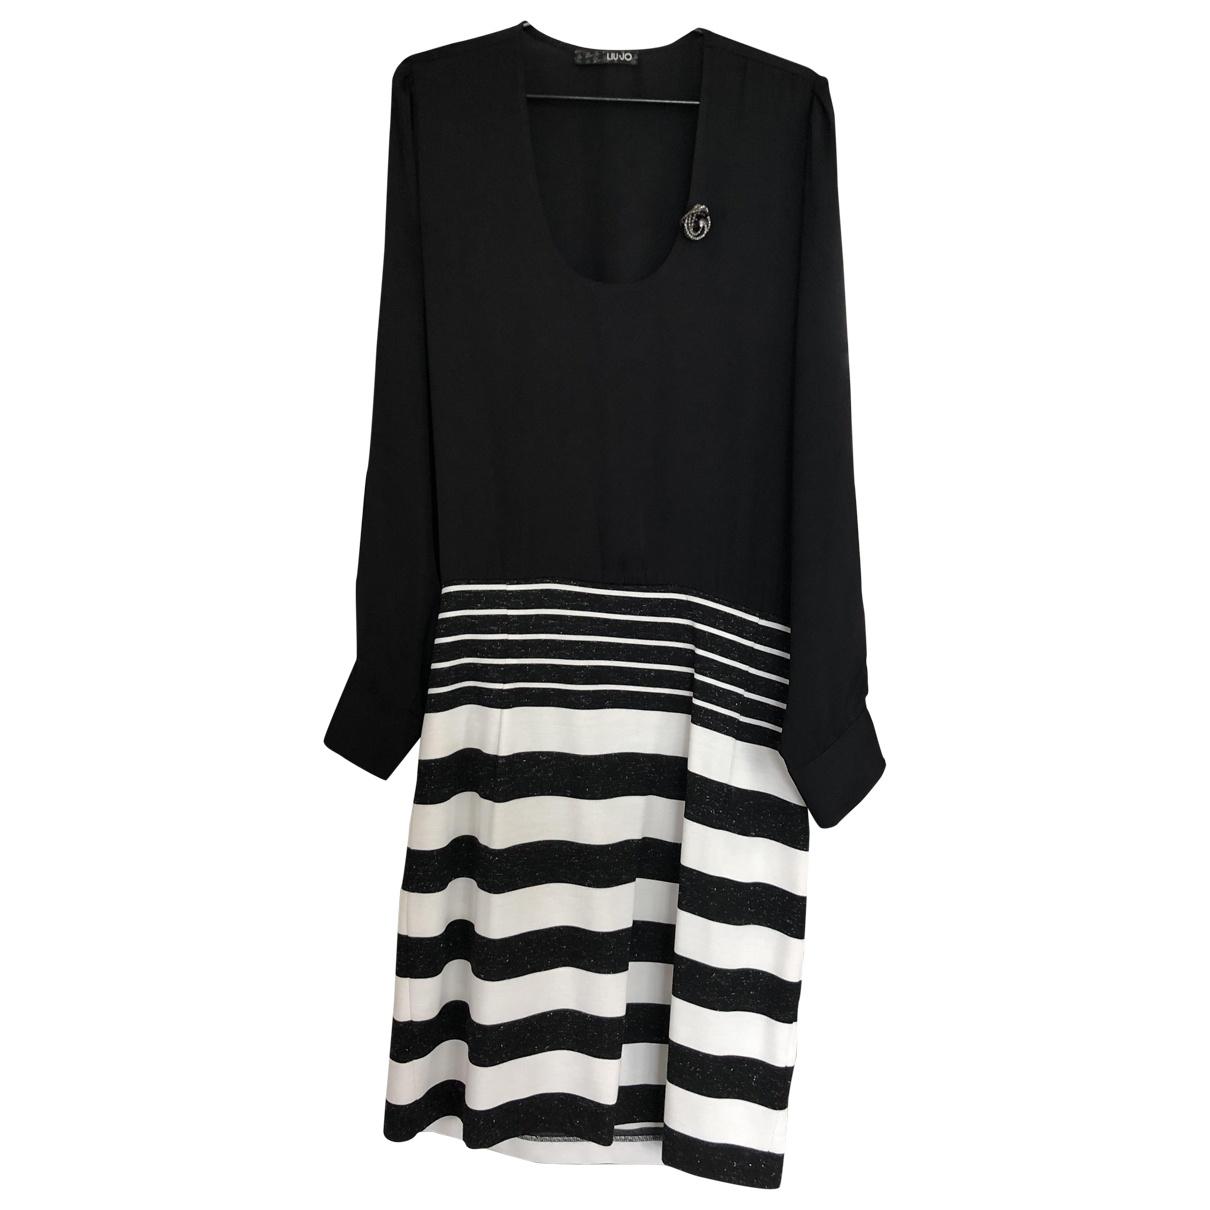 Liu.jo \N Black dress for Women 46 IT